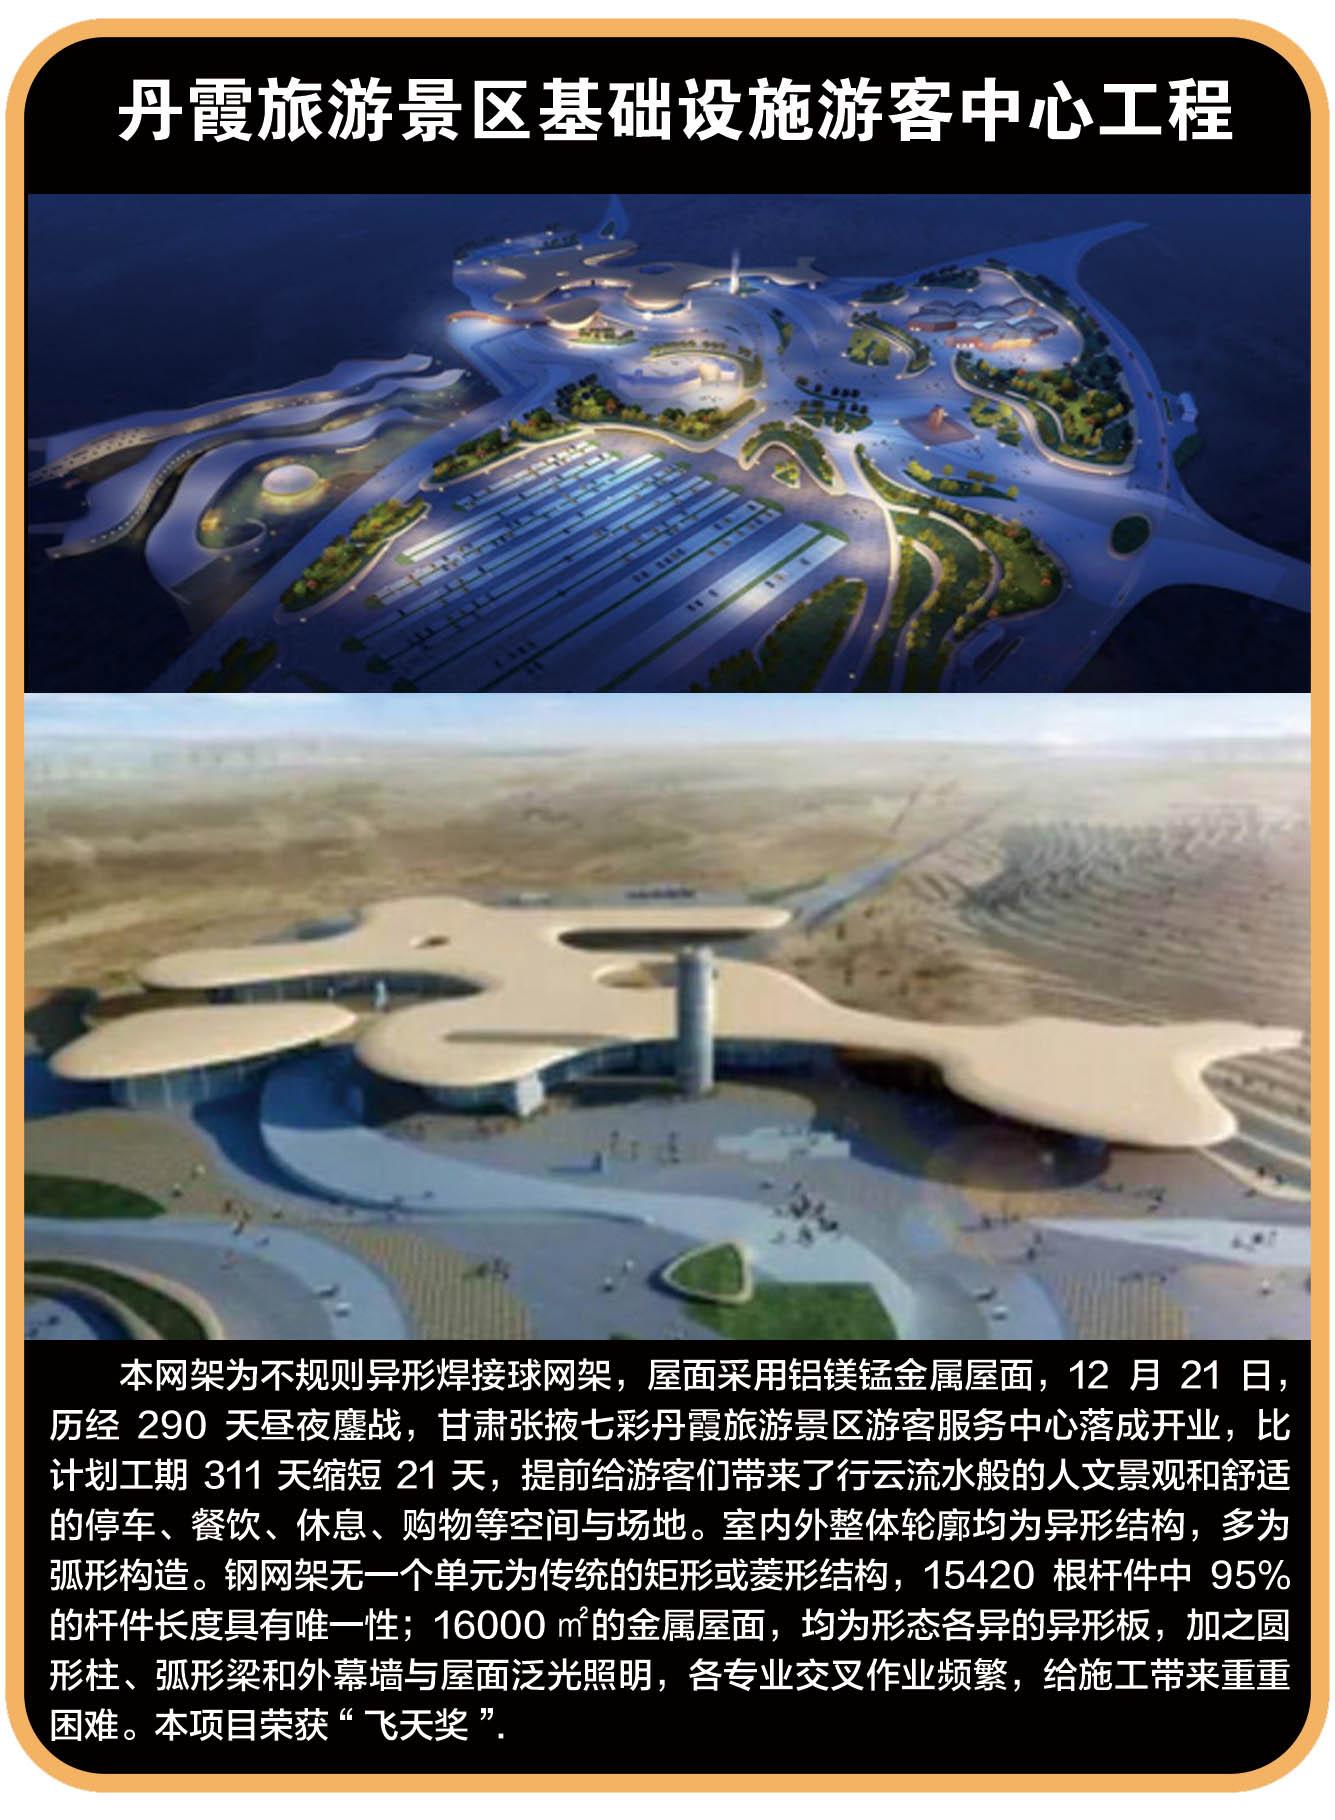 丹霞旅游景区中心工程